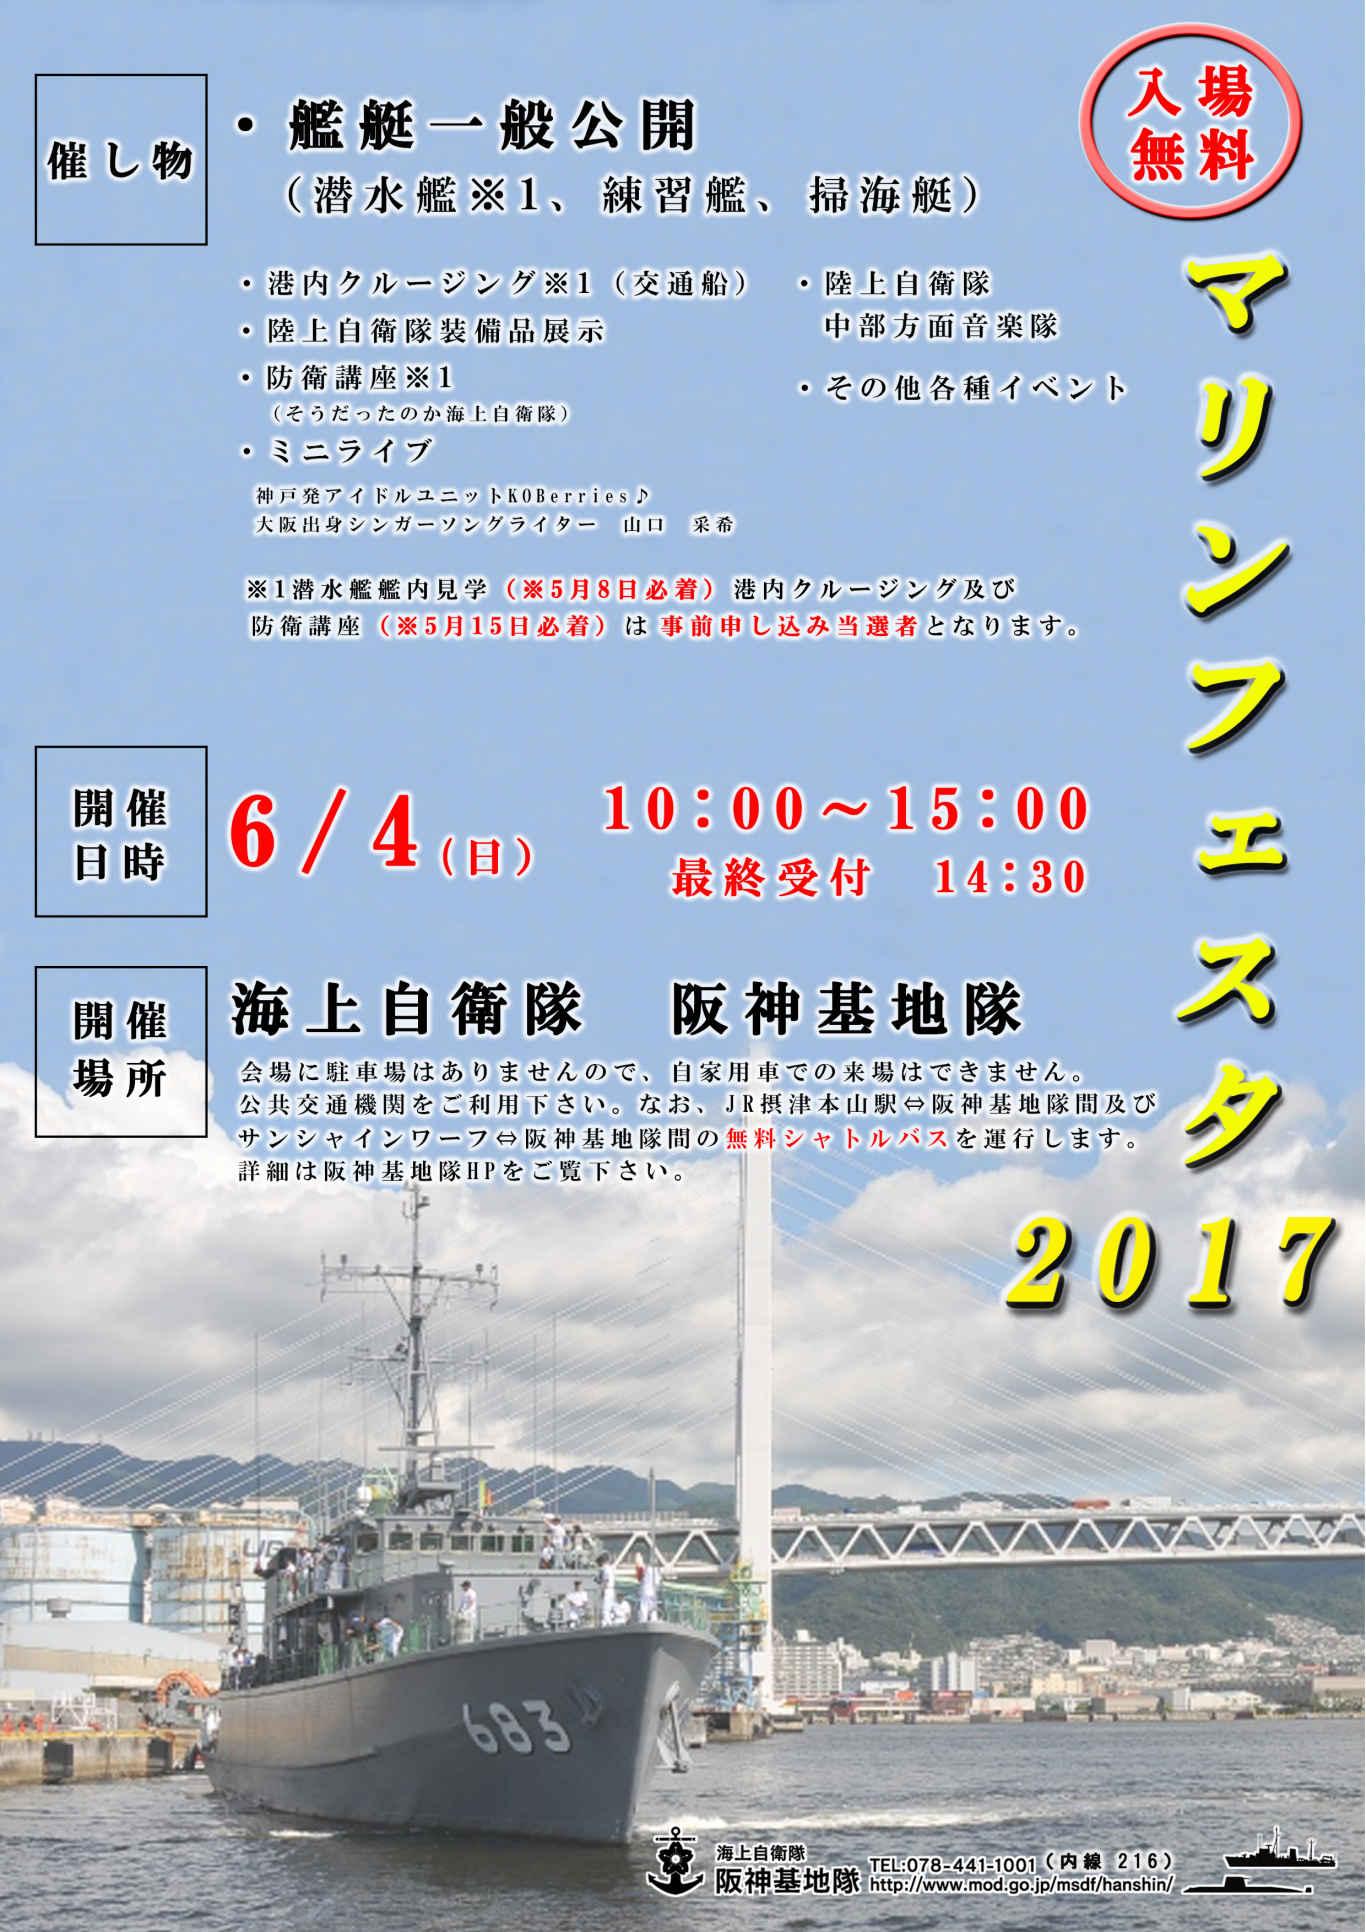 阪神基地隊「マリンフェスタ2017」のパンフレット